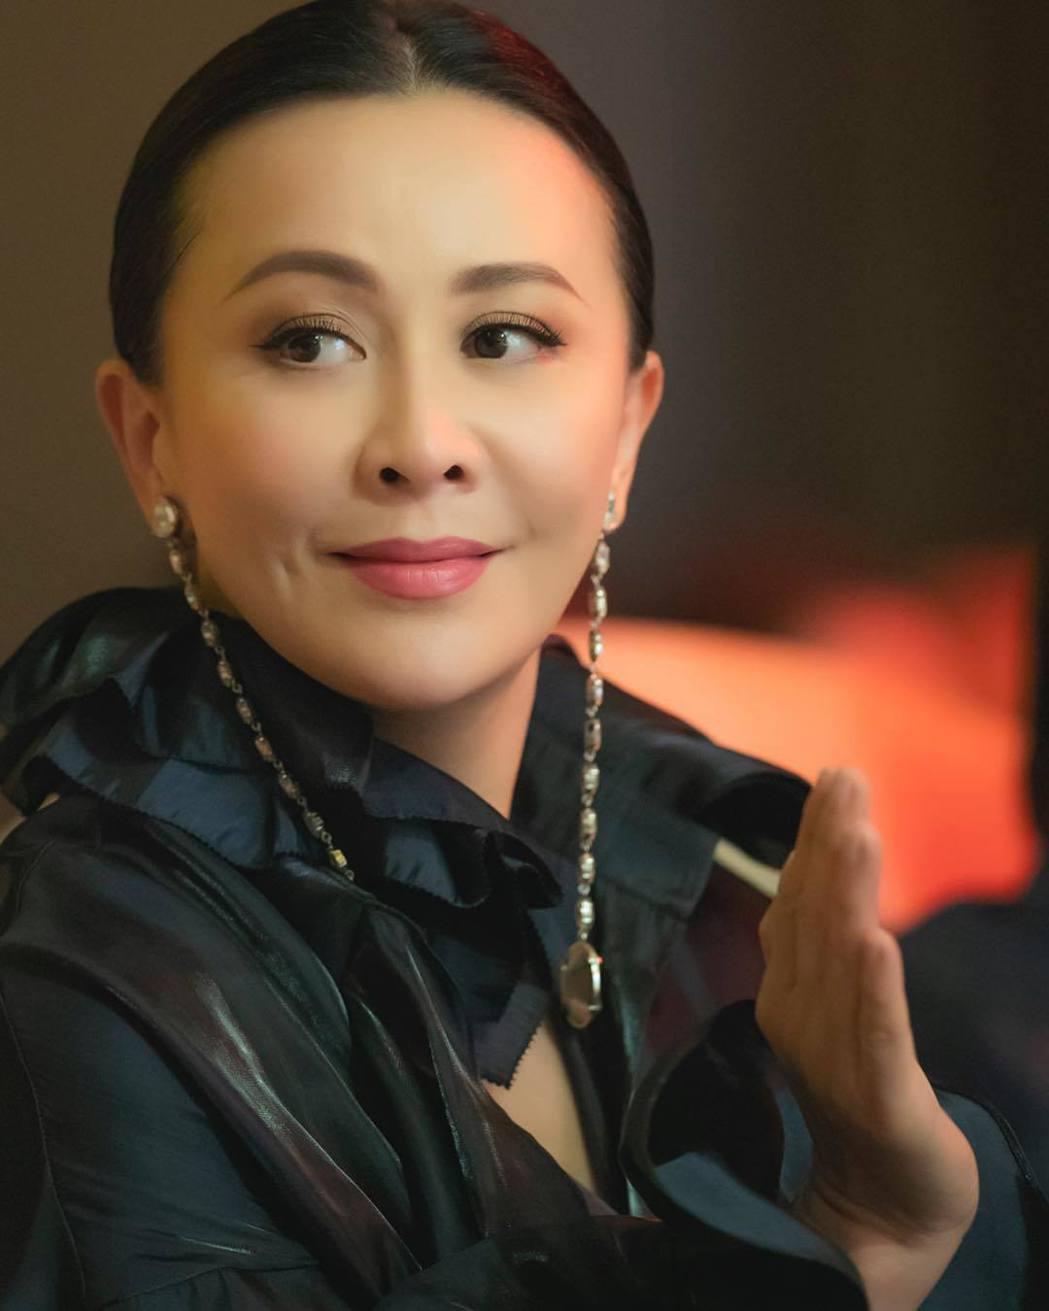 52歲劉嘉玲平常保養得宜。 圖/擷自劉嘉玲IG